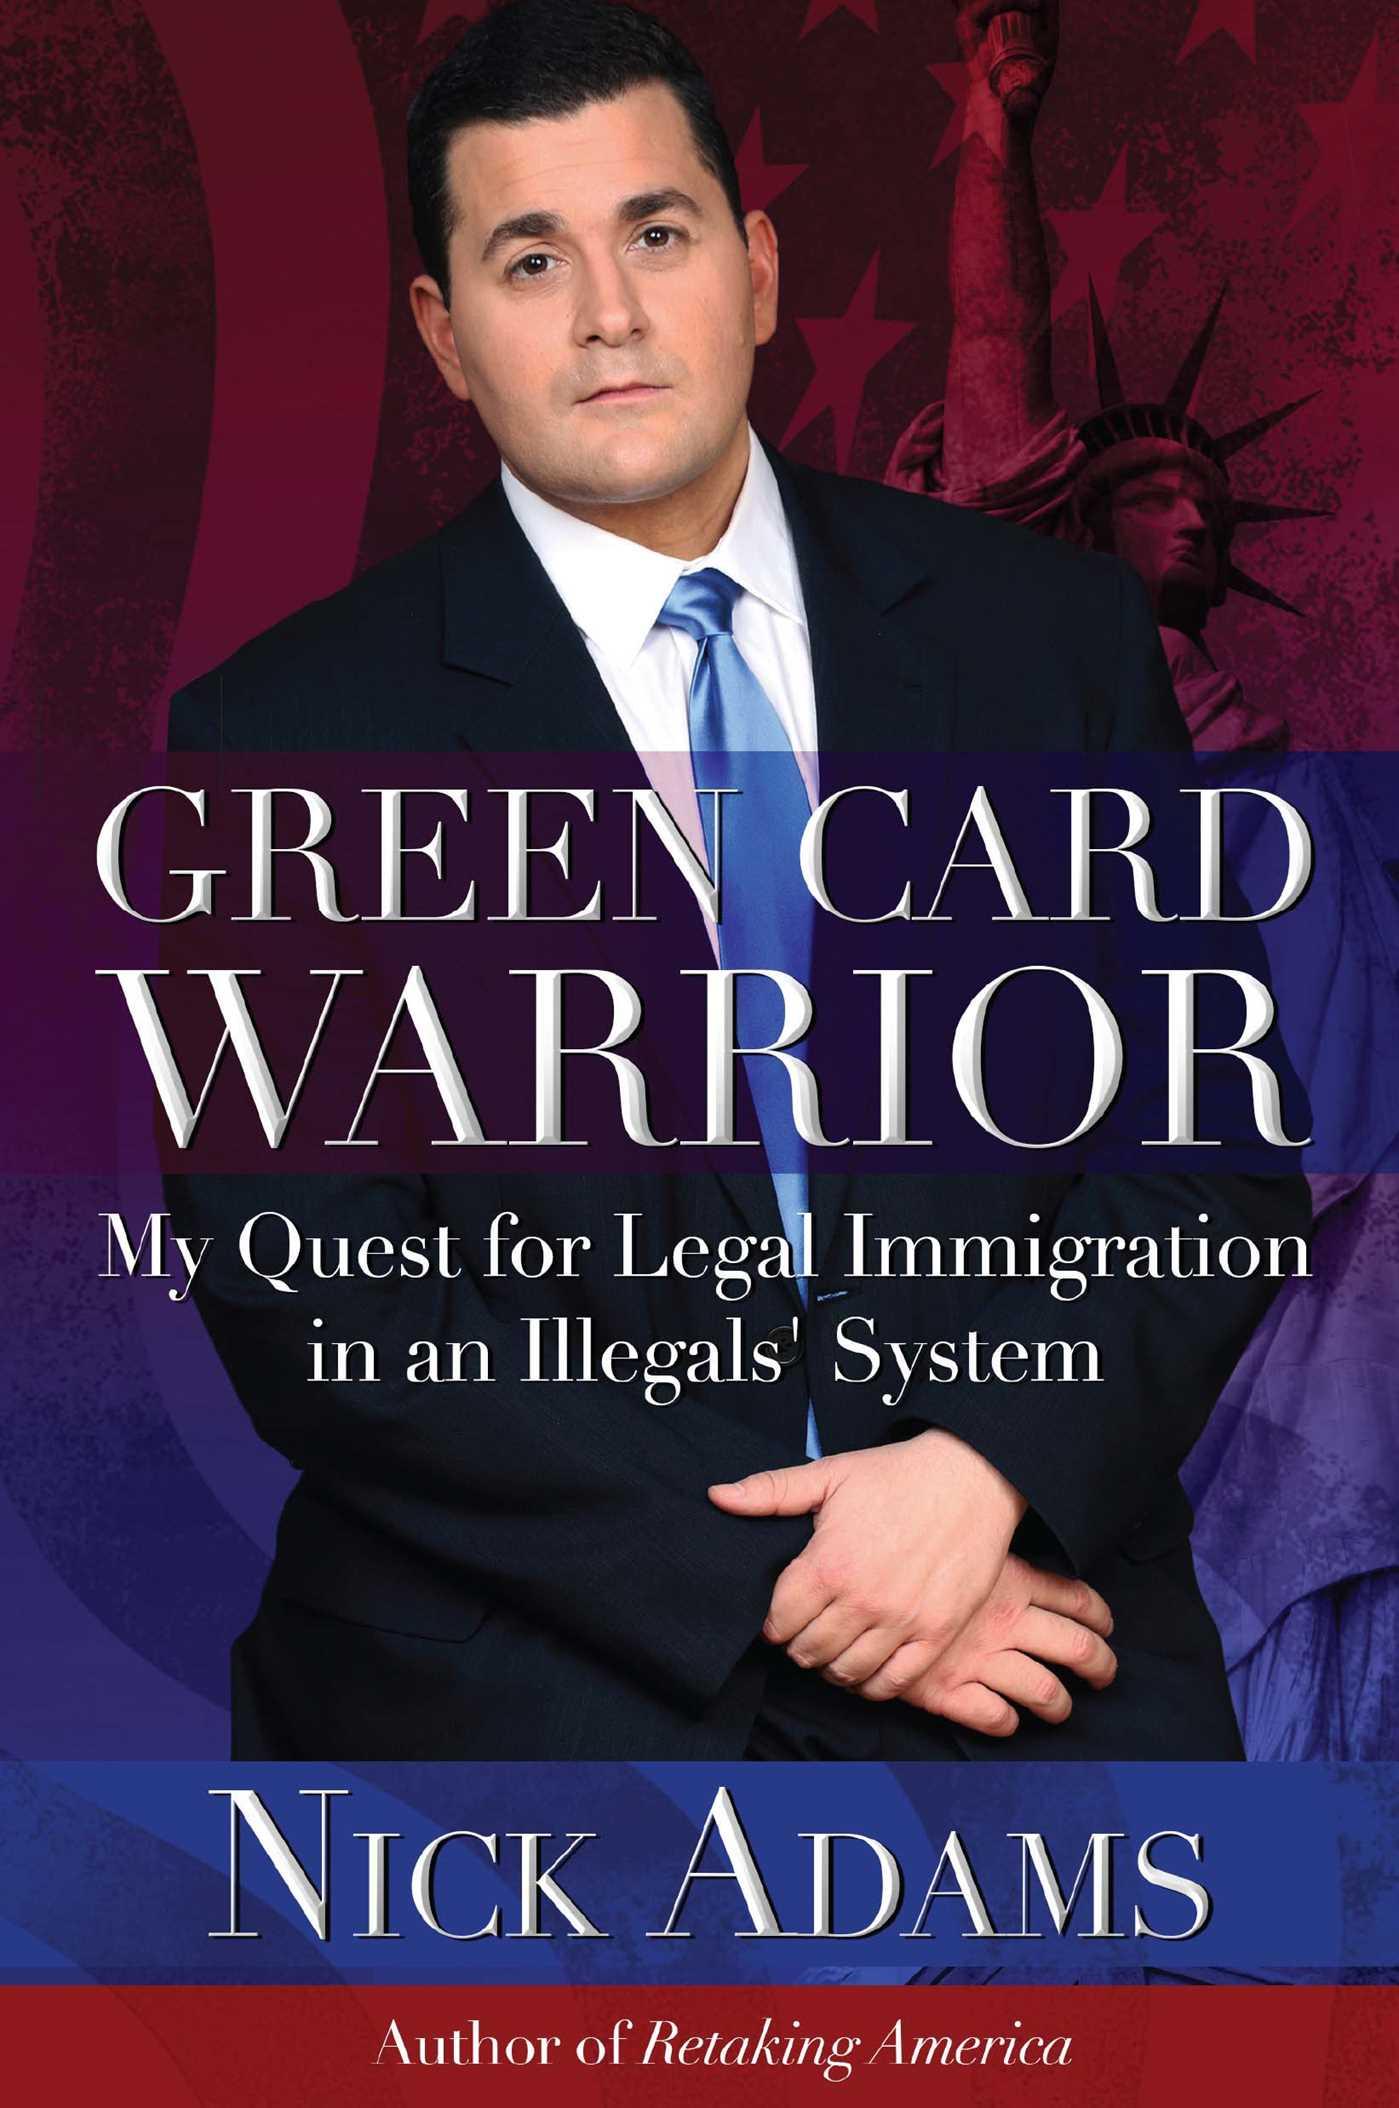 Green card warrior 9781682613054 hr